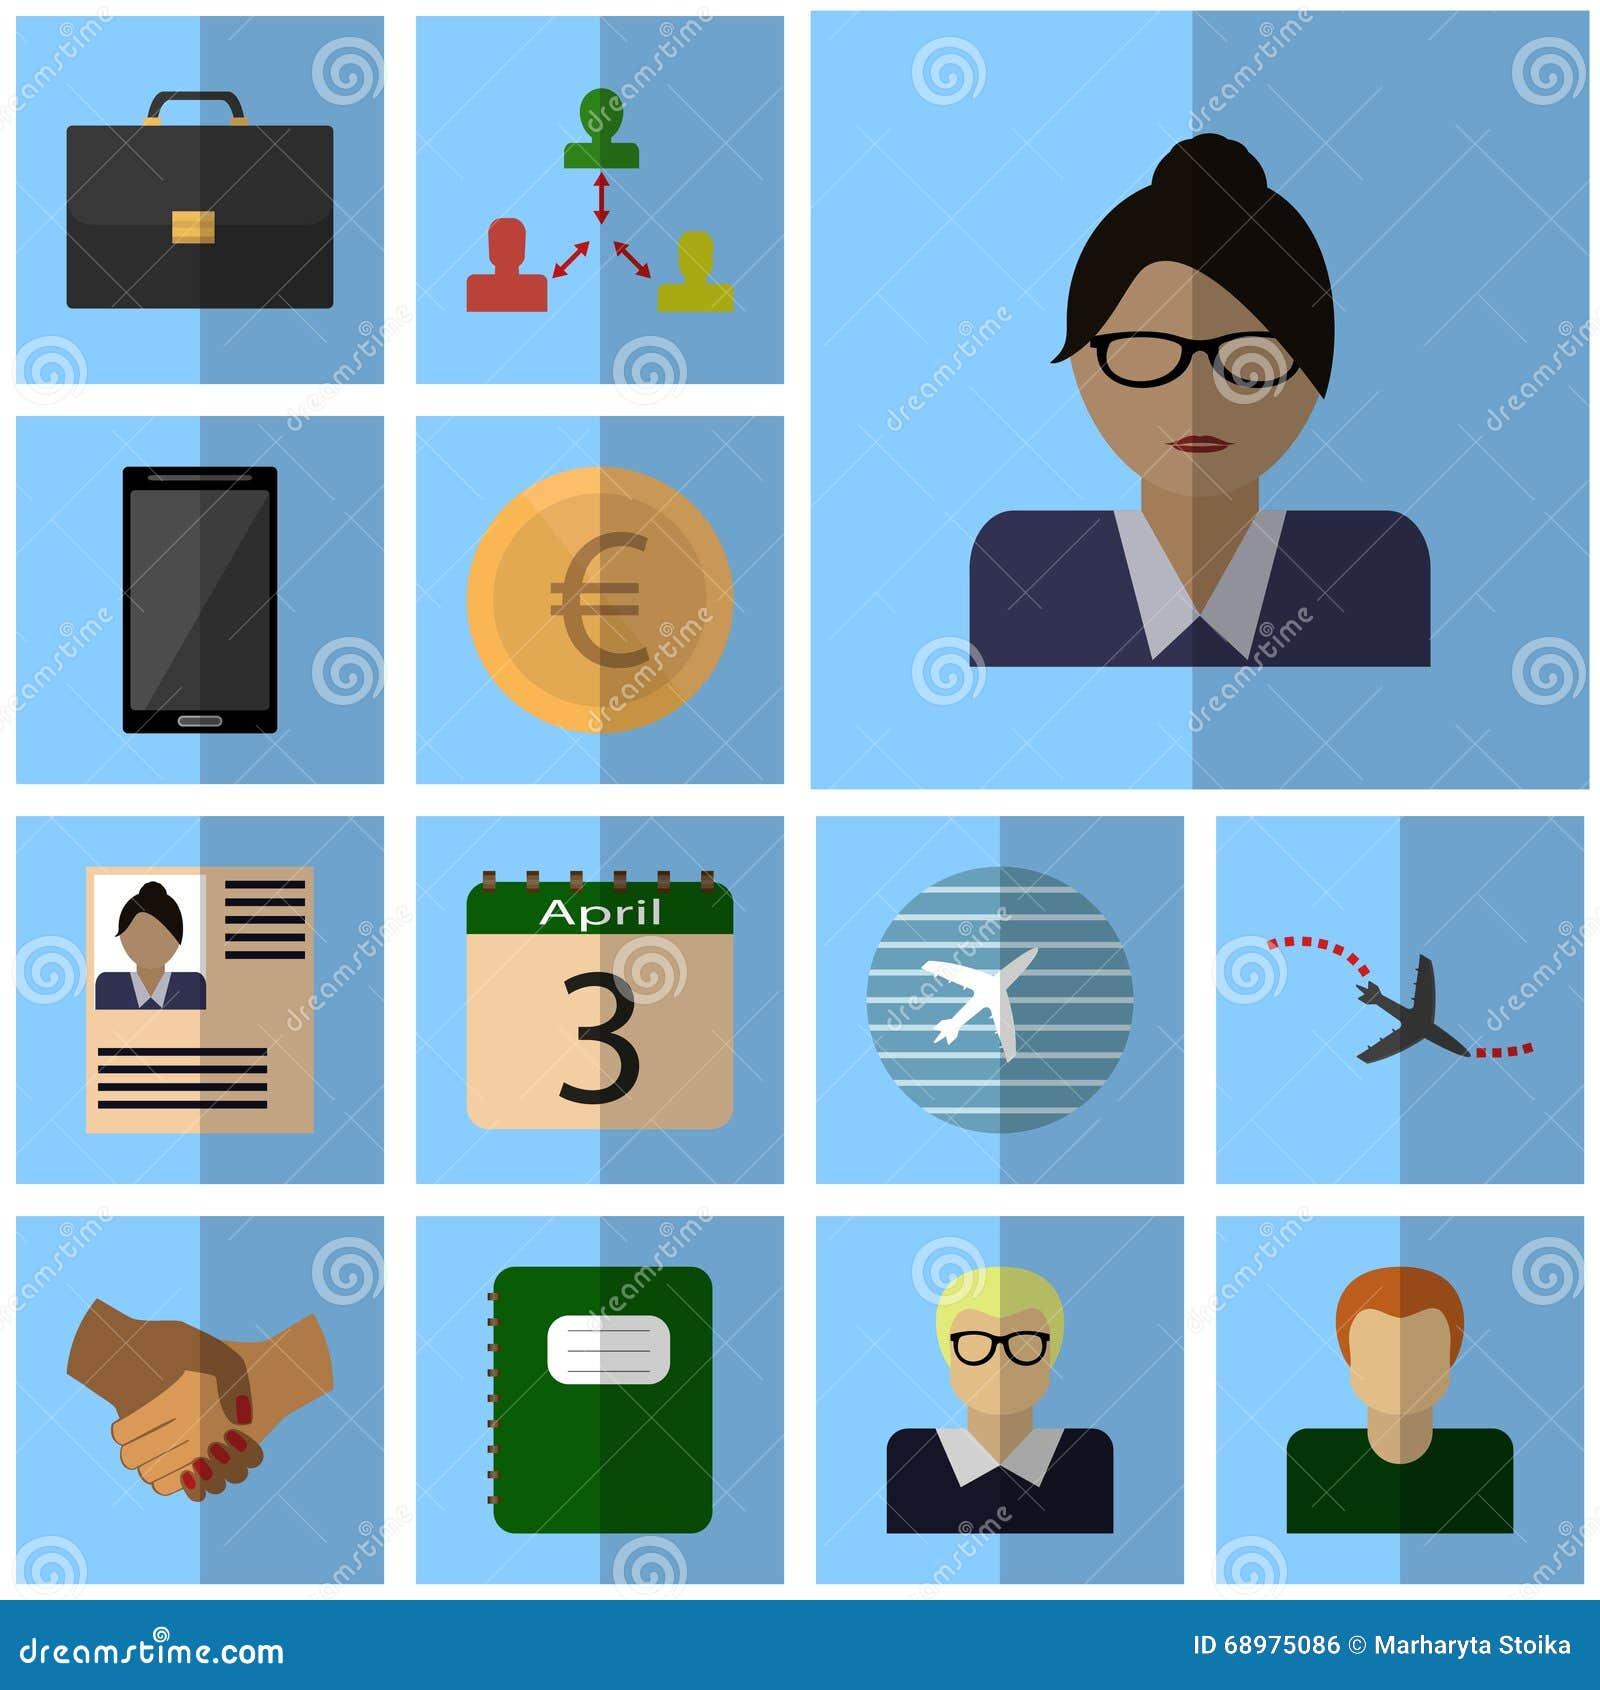 Los iconos planos de los ingresos de los iconos de los ingresos de los iconos del vector fijaron a la empresaria del icono de los